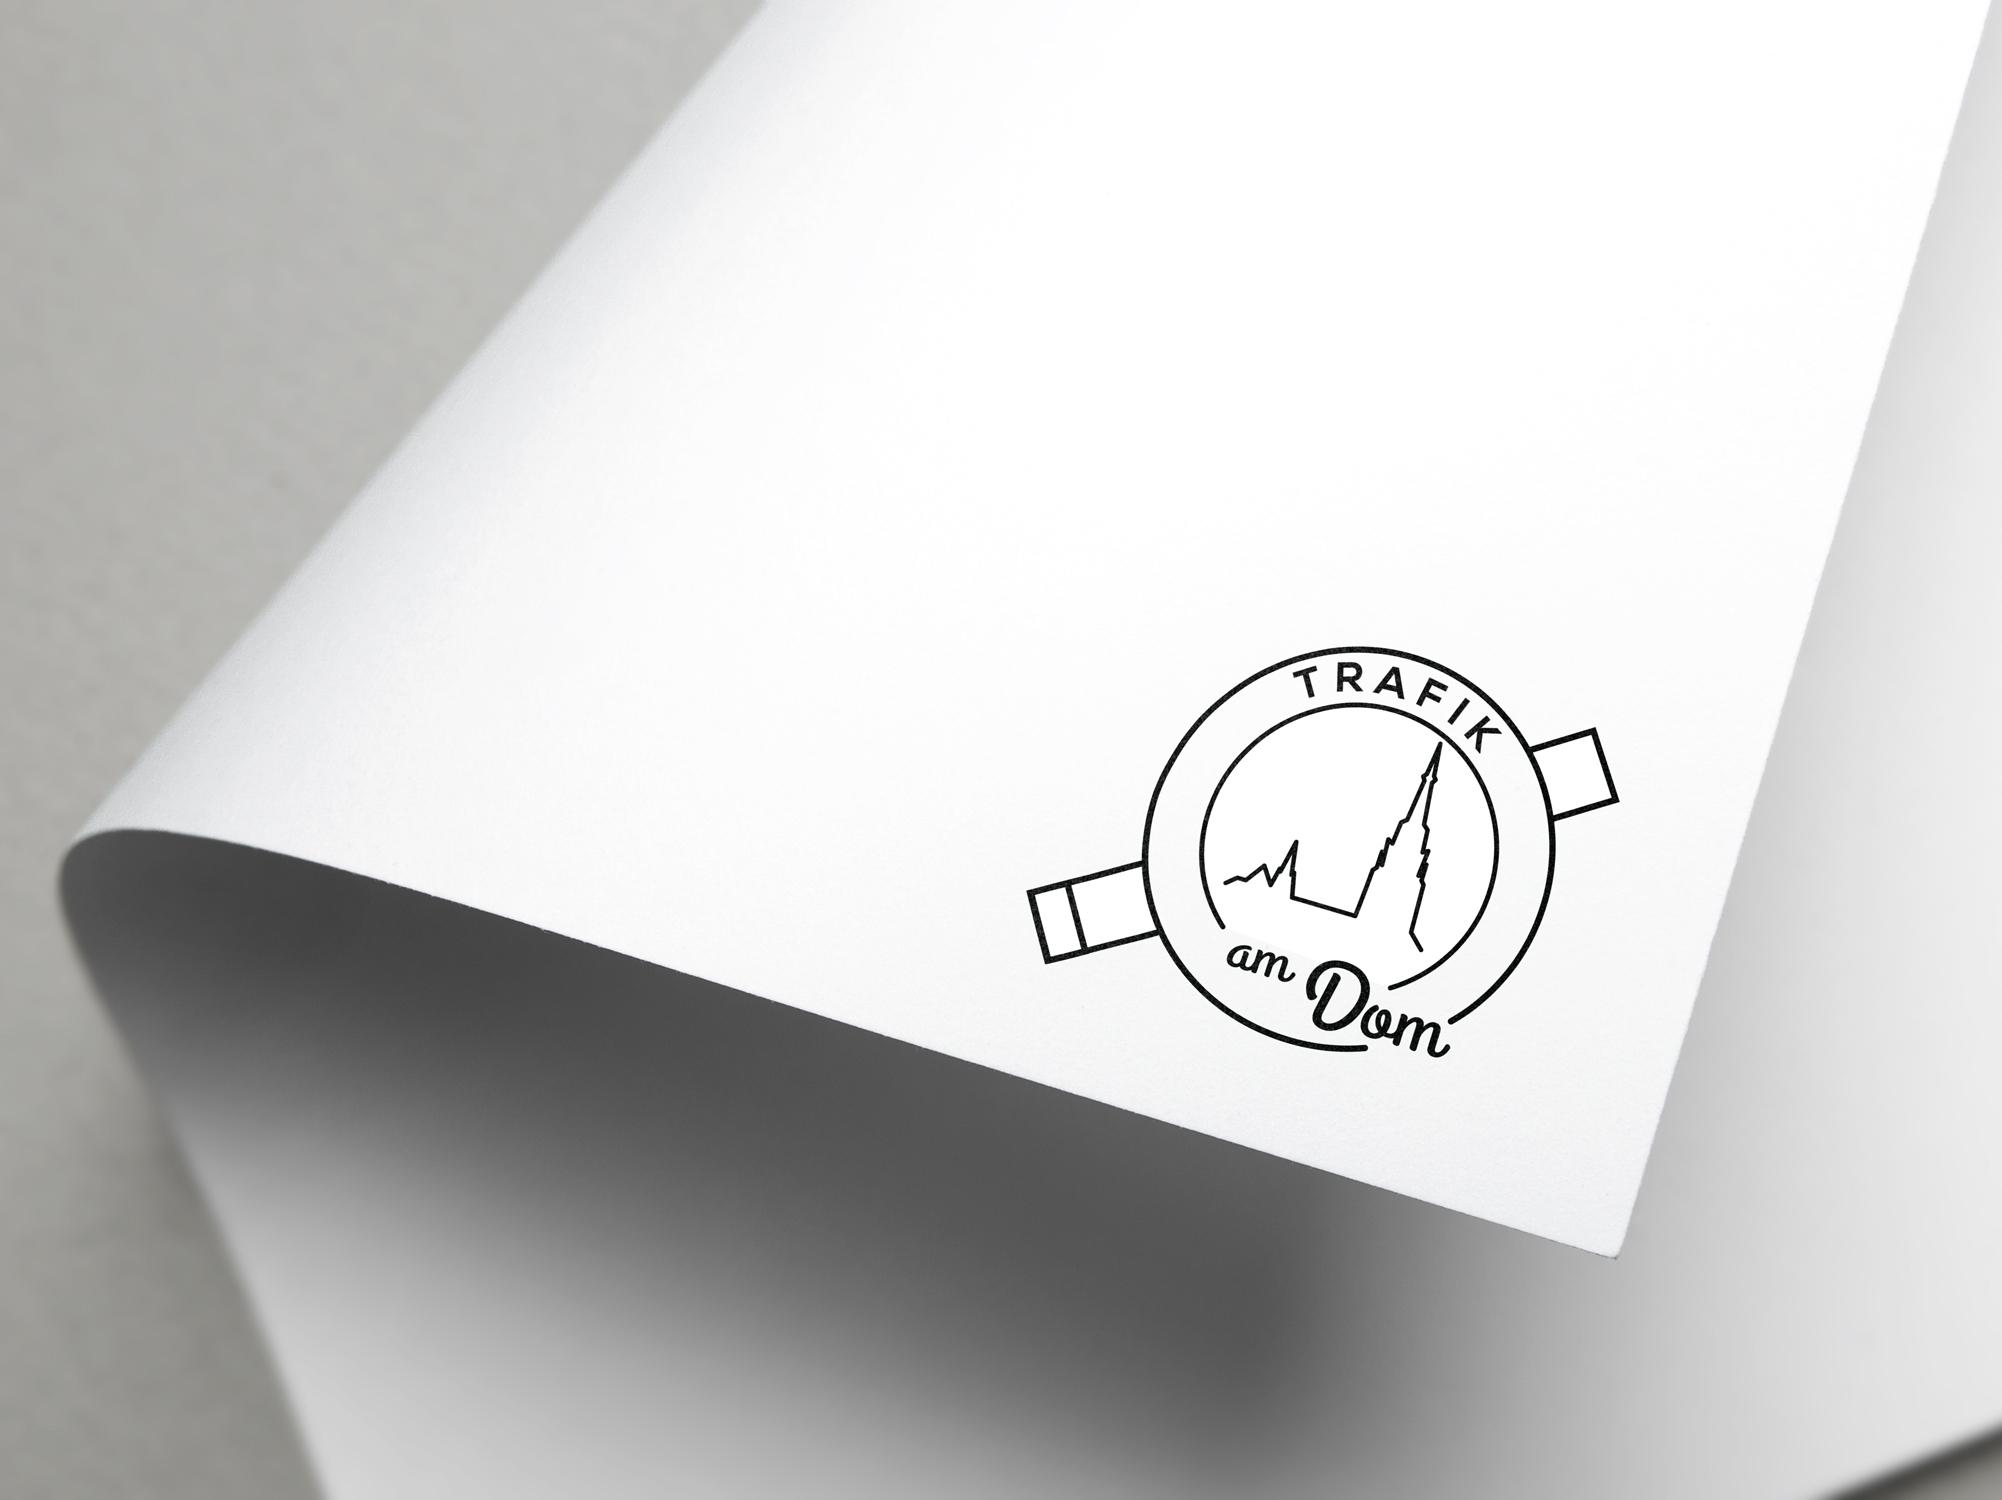 logo_trafik_am_dom